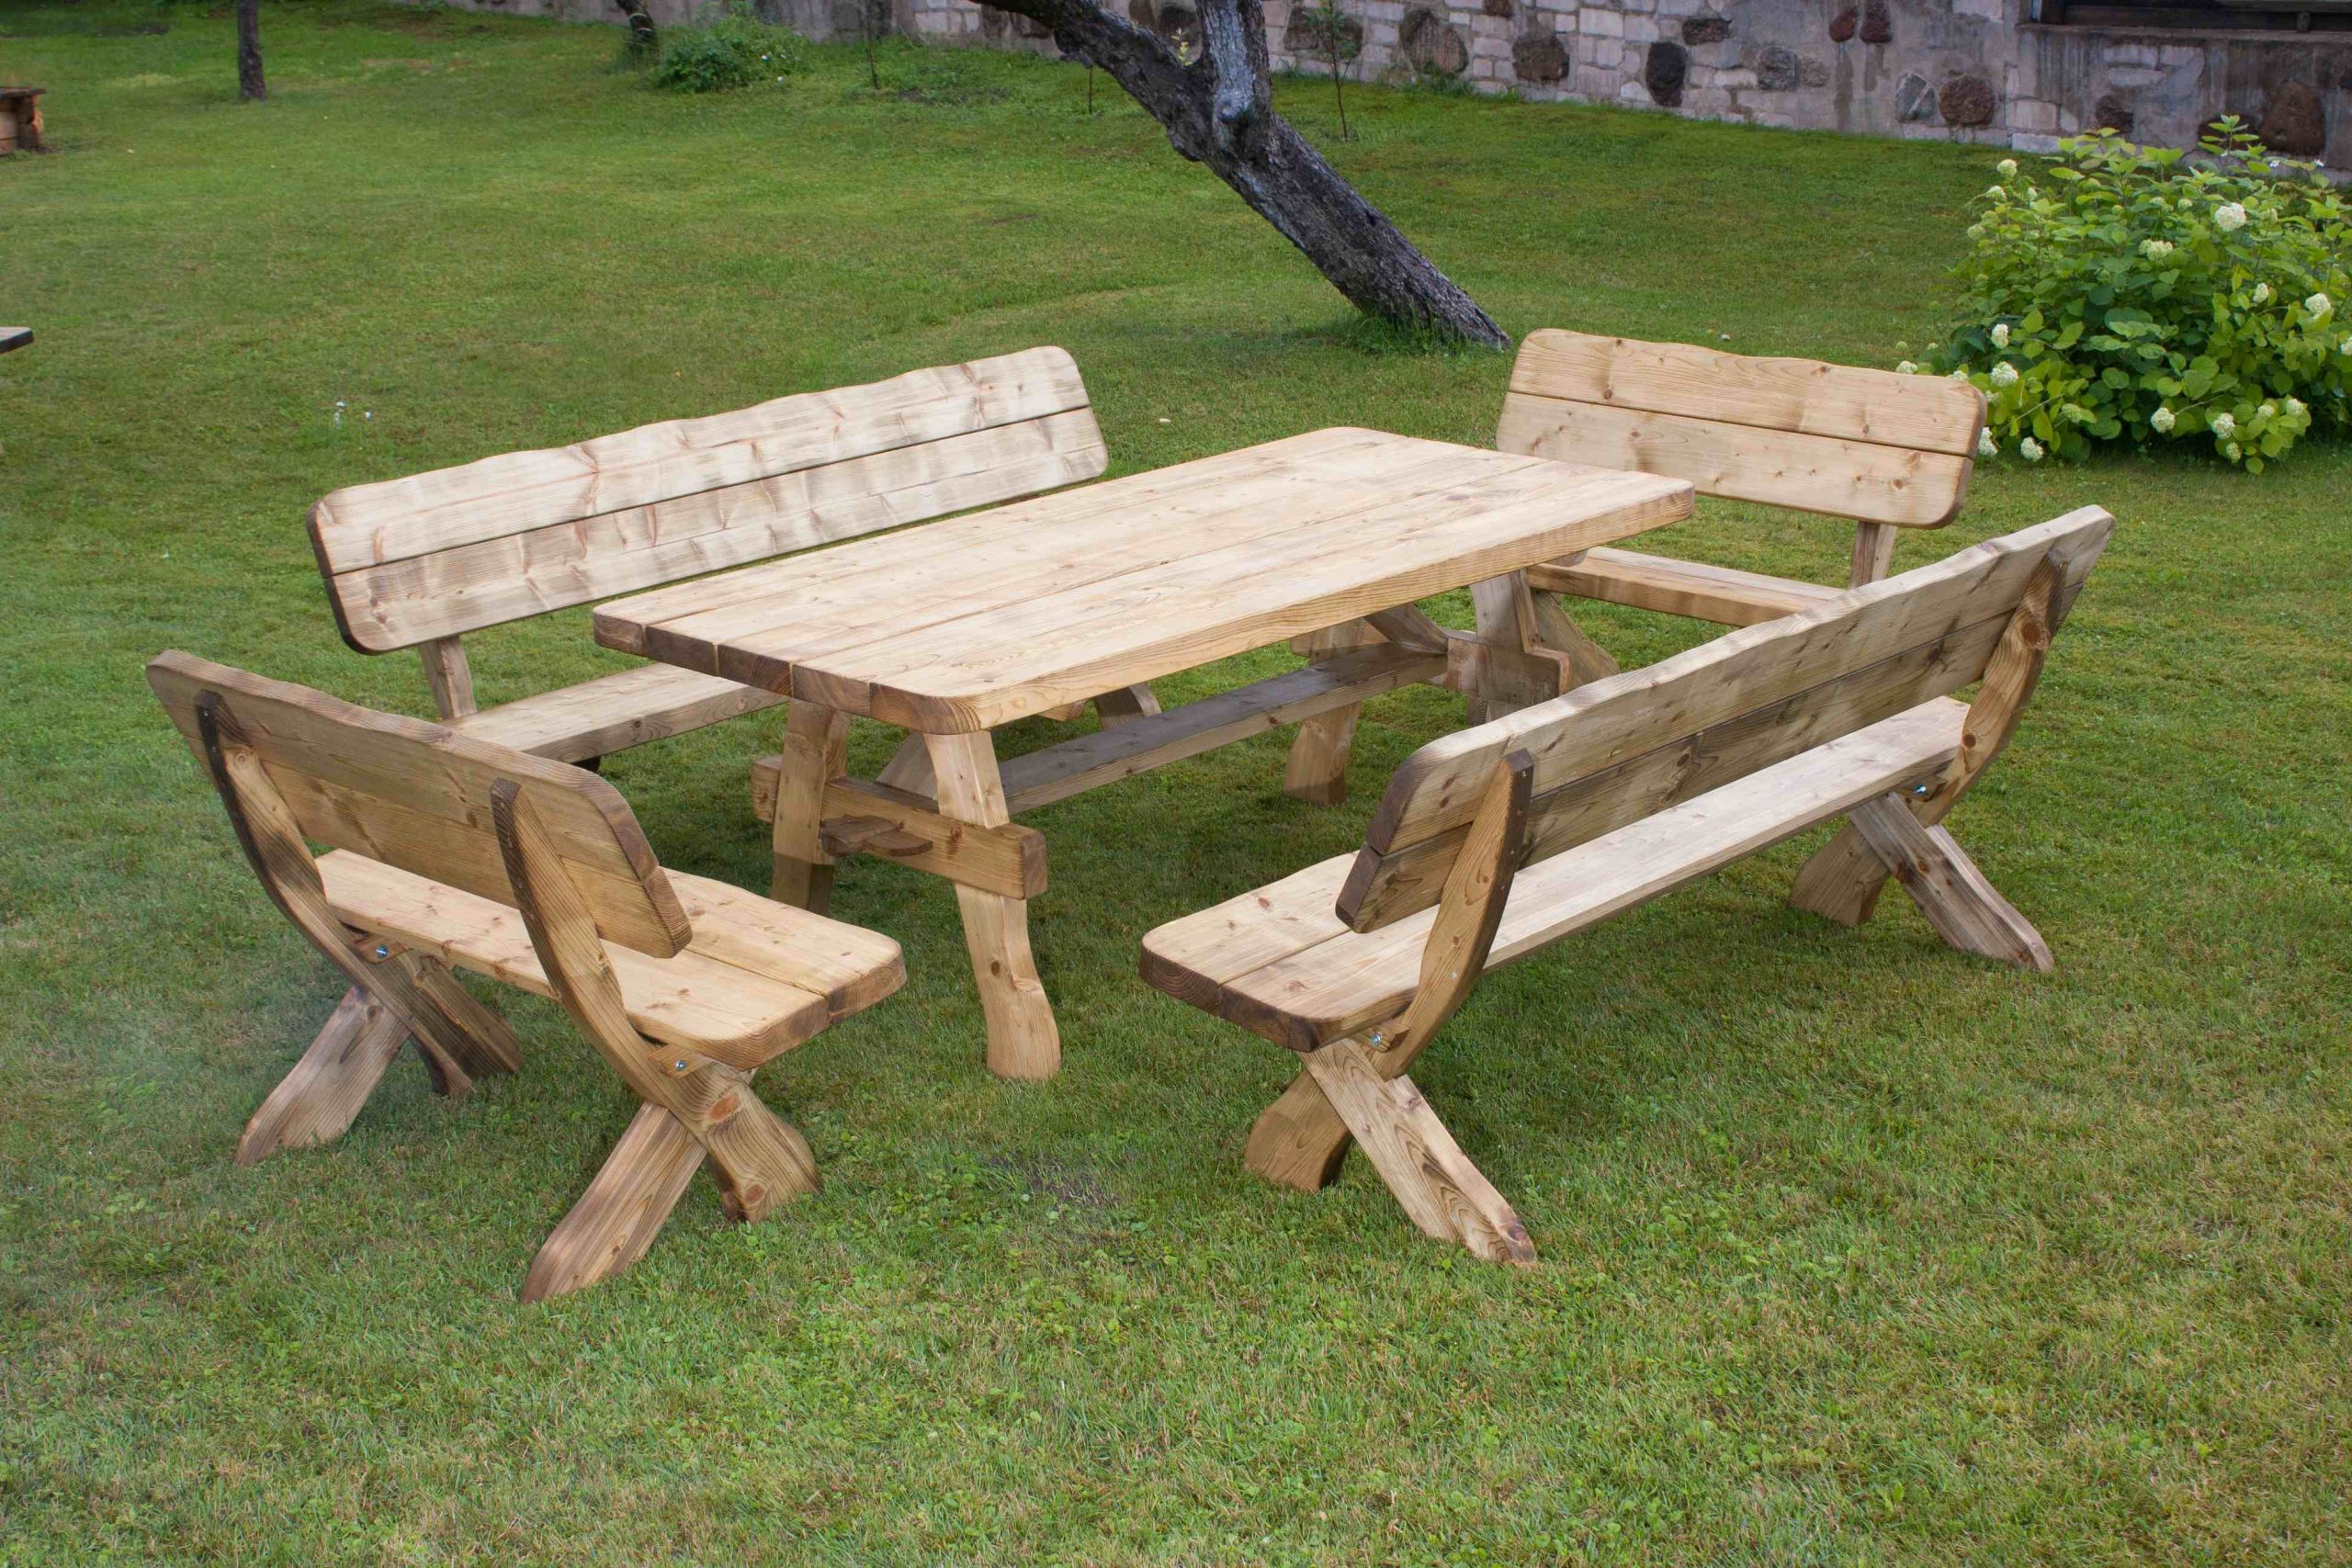 salon de jardin en bois pas cher 11 – Idées de Décoration